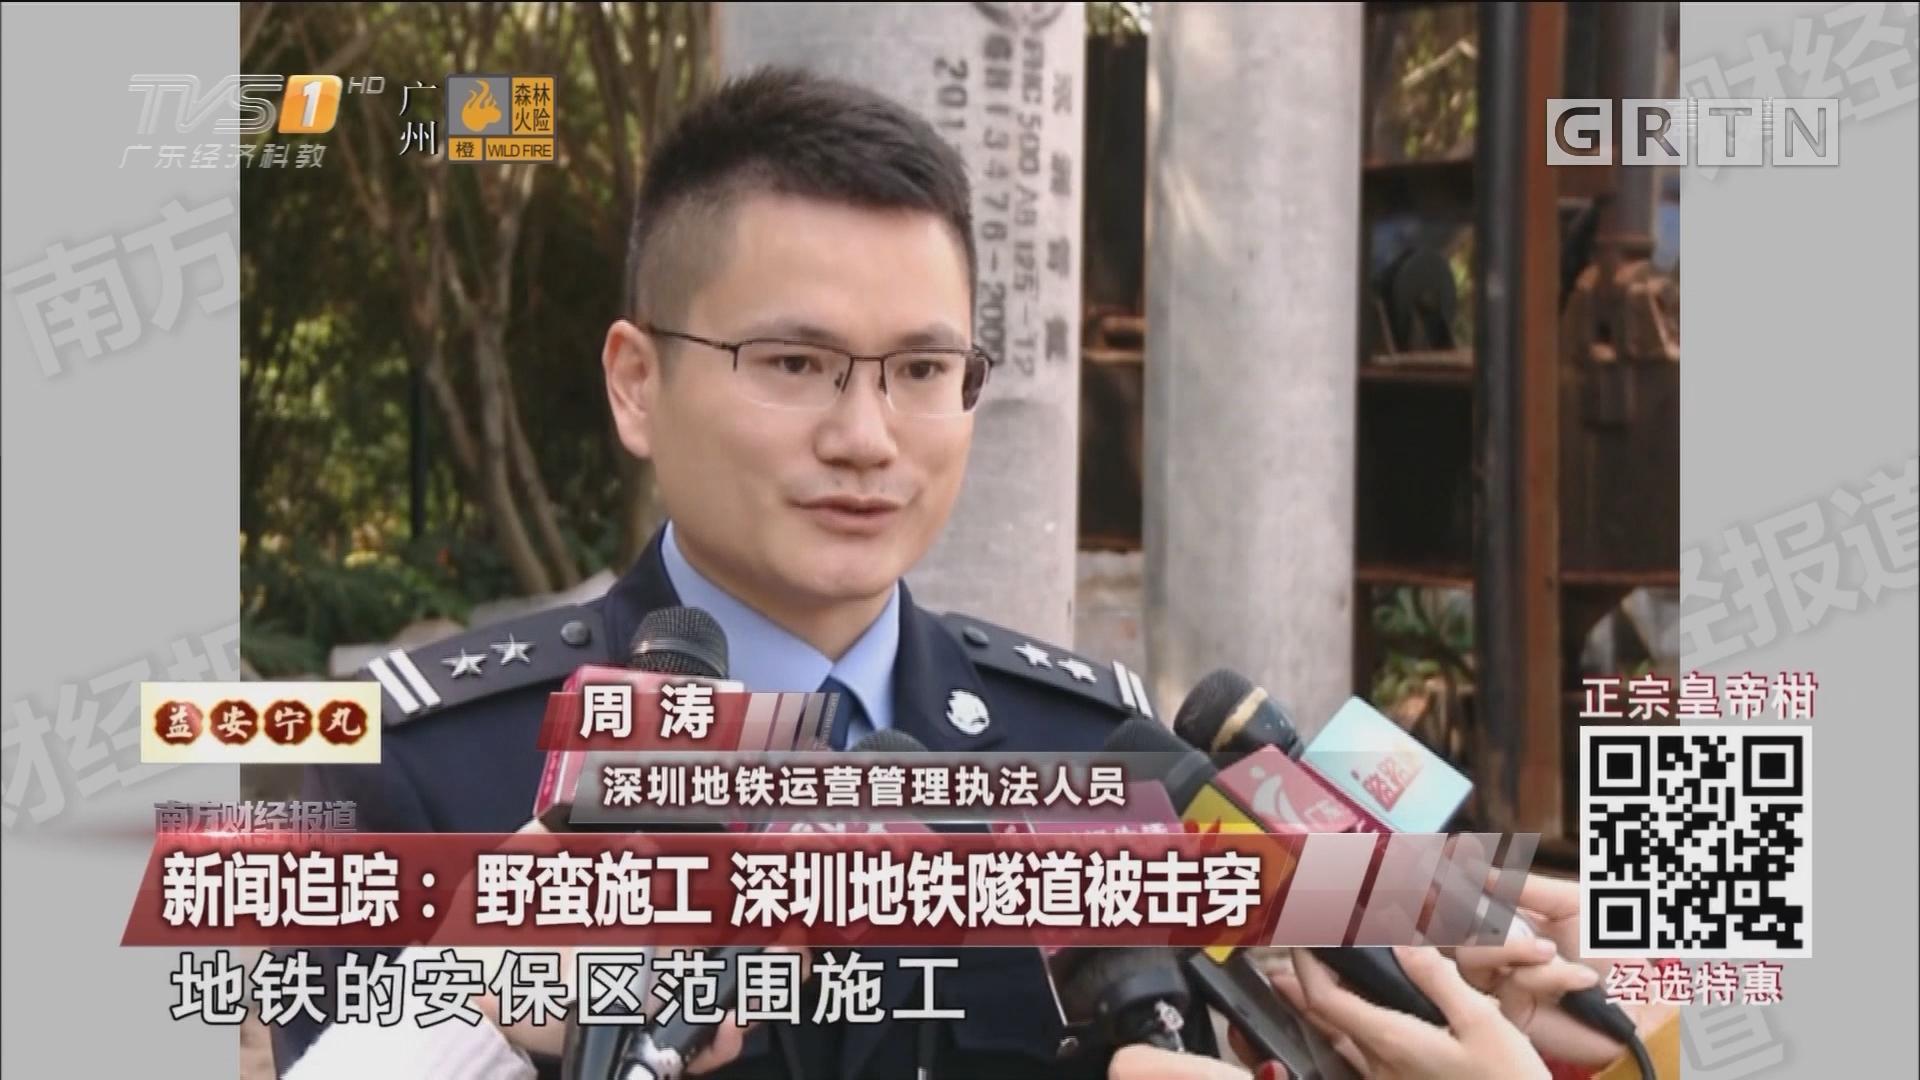 新闻追踪:野蛮施工 深圳地铁隧道被击穿